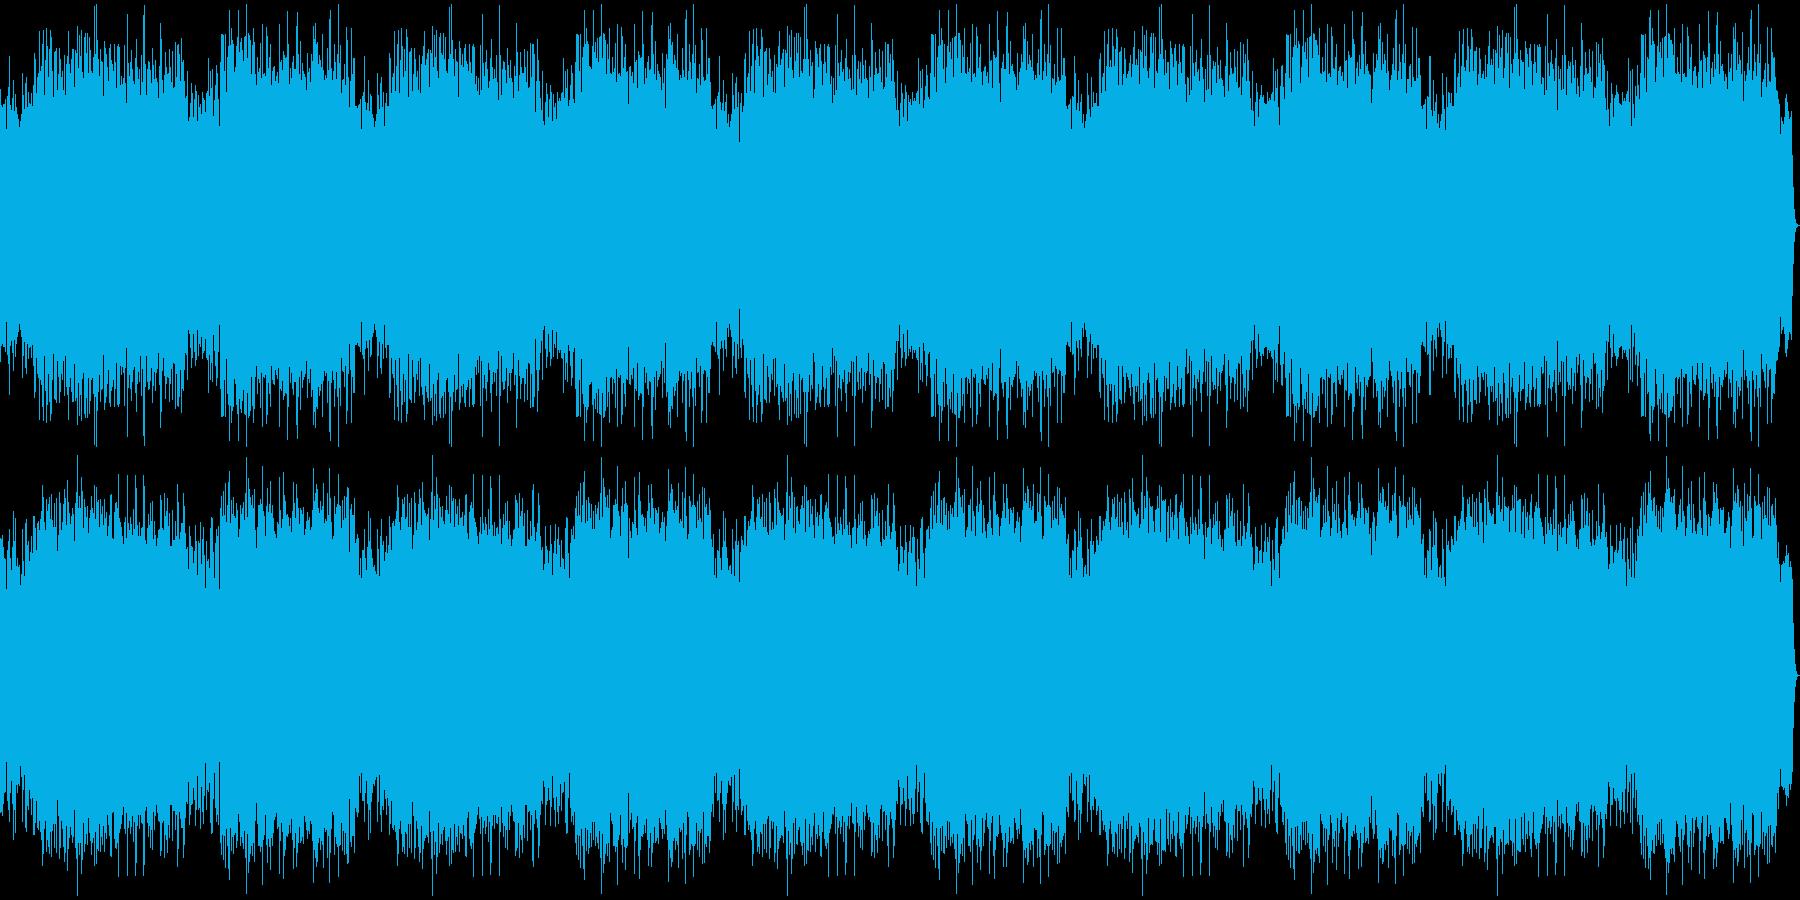 企業VP8 14分16bit44kVerの再生済みの波形